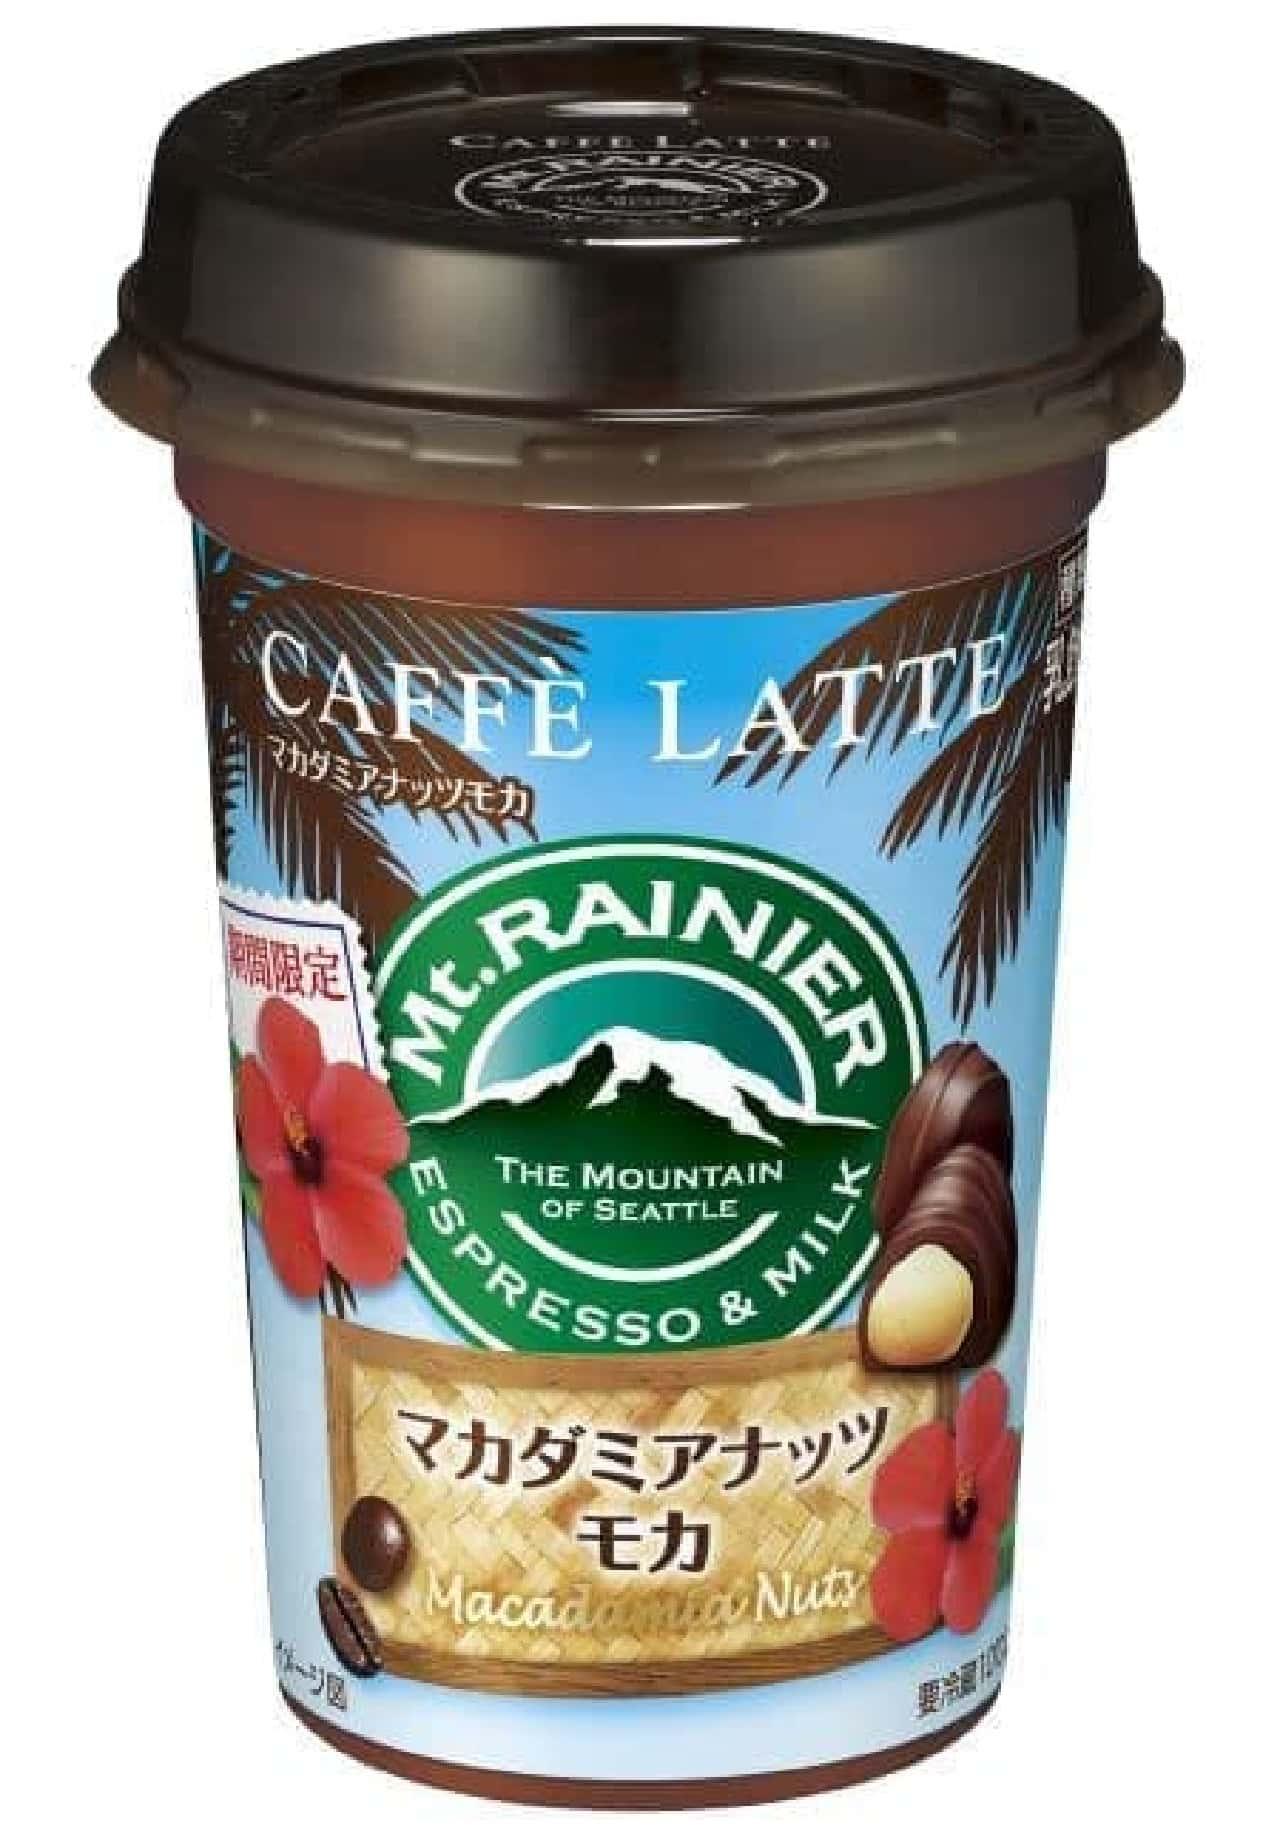 「マウントレーニア カフェラッテ マカダミアナッツモカ」は香ばしいマカダミアナッツの香るカフェモカ